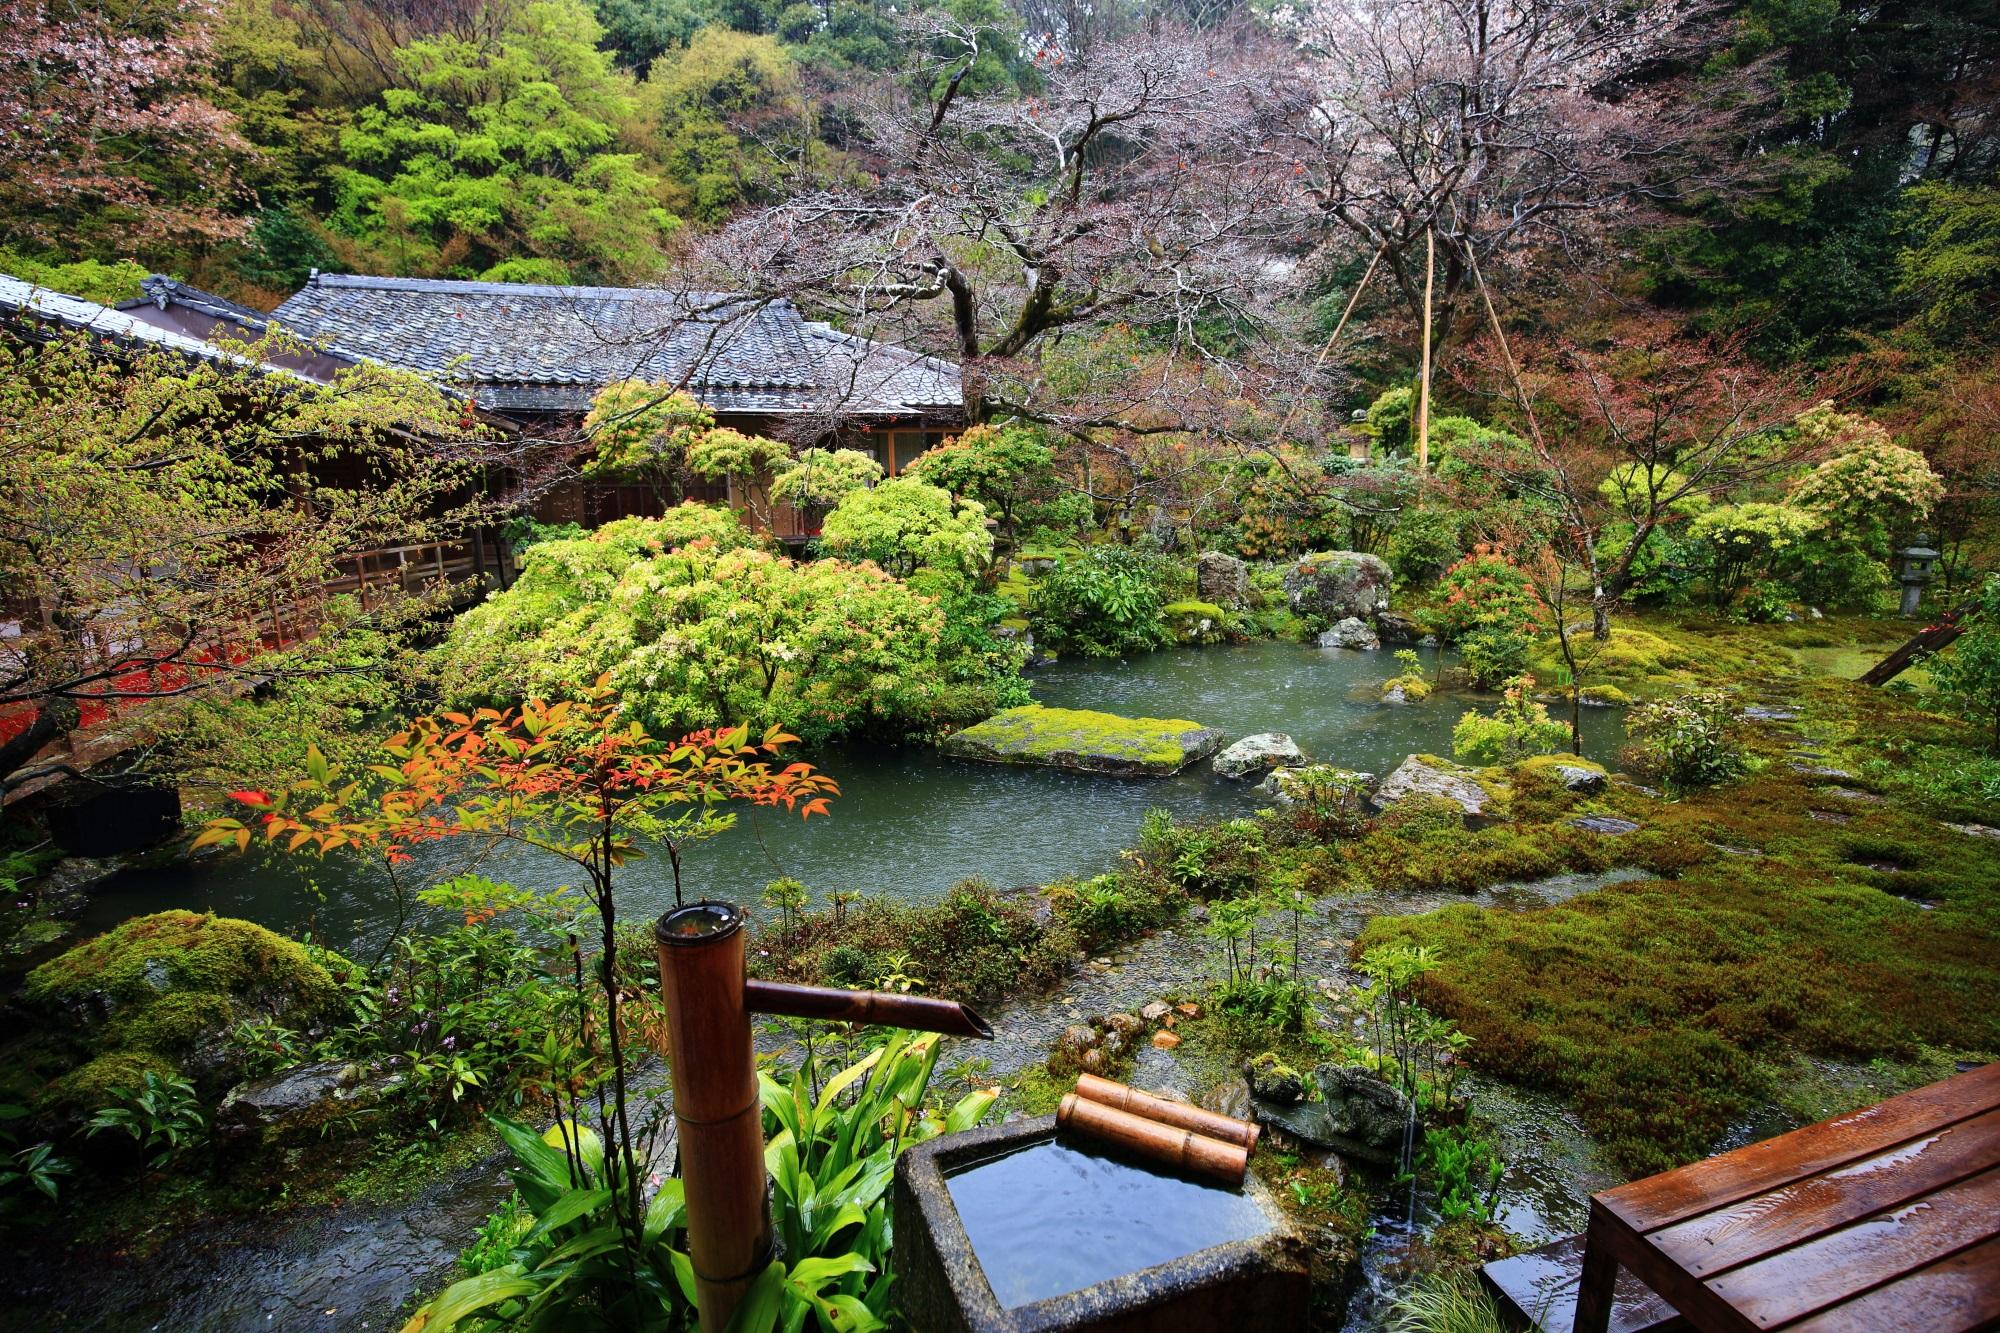 雨がだいぶ降って池の水が溢れそうな庭園